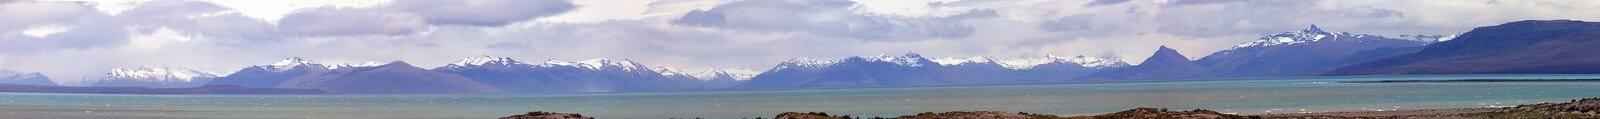 Viedma Lake, Patagonia near the border between Argentina and Chile. Viedma Lake in Patagonia near the the border between Argentina and Chile. It is a major stock photos